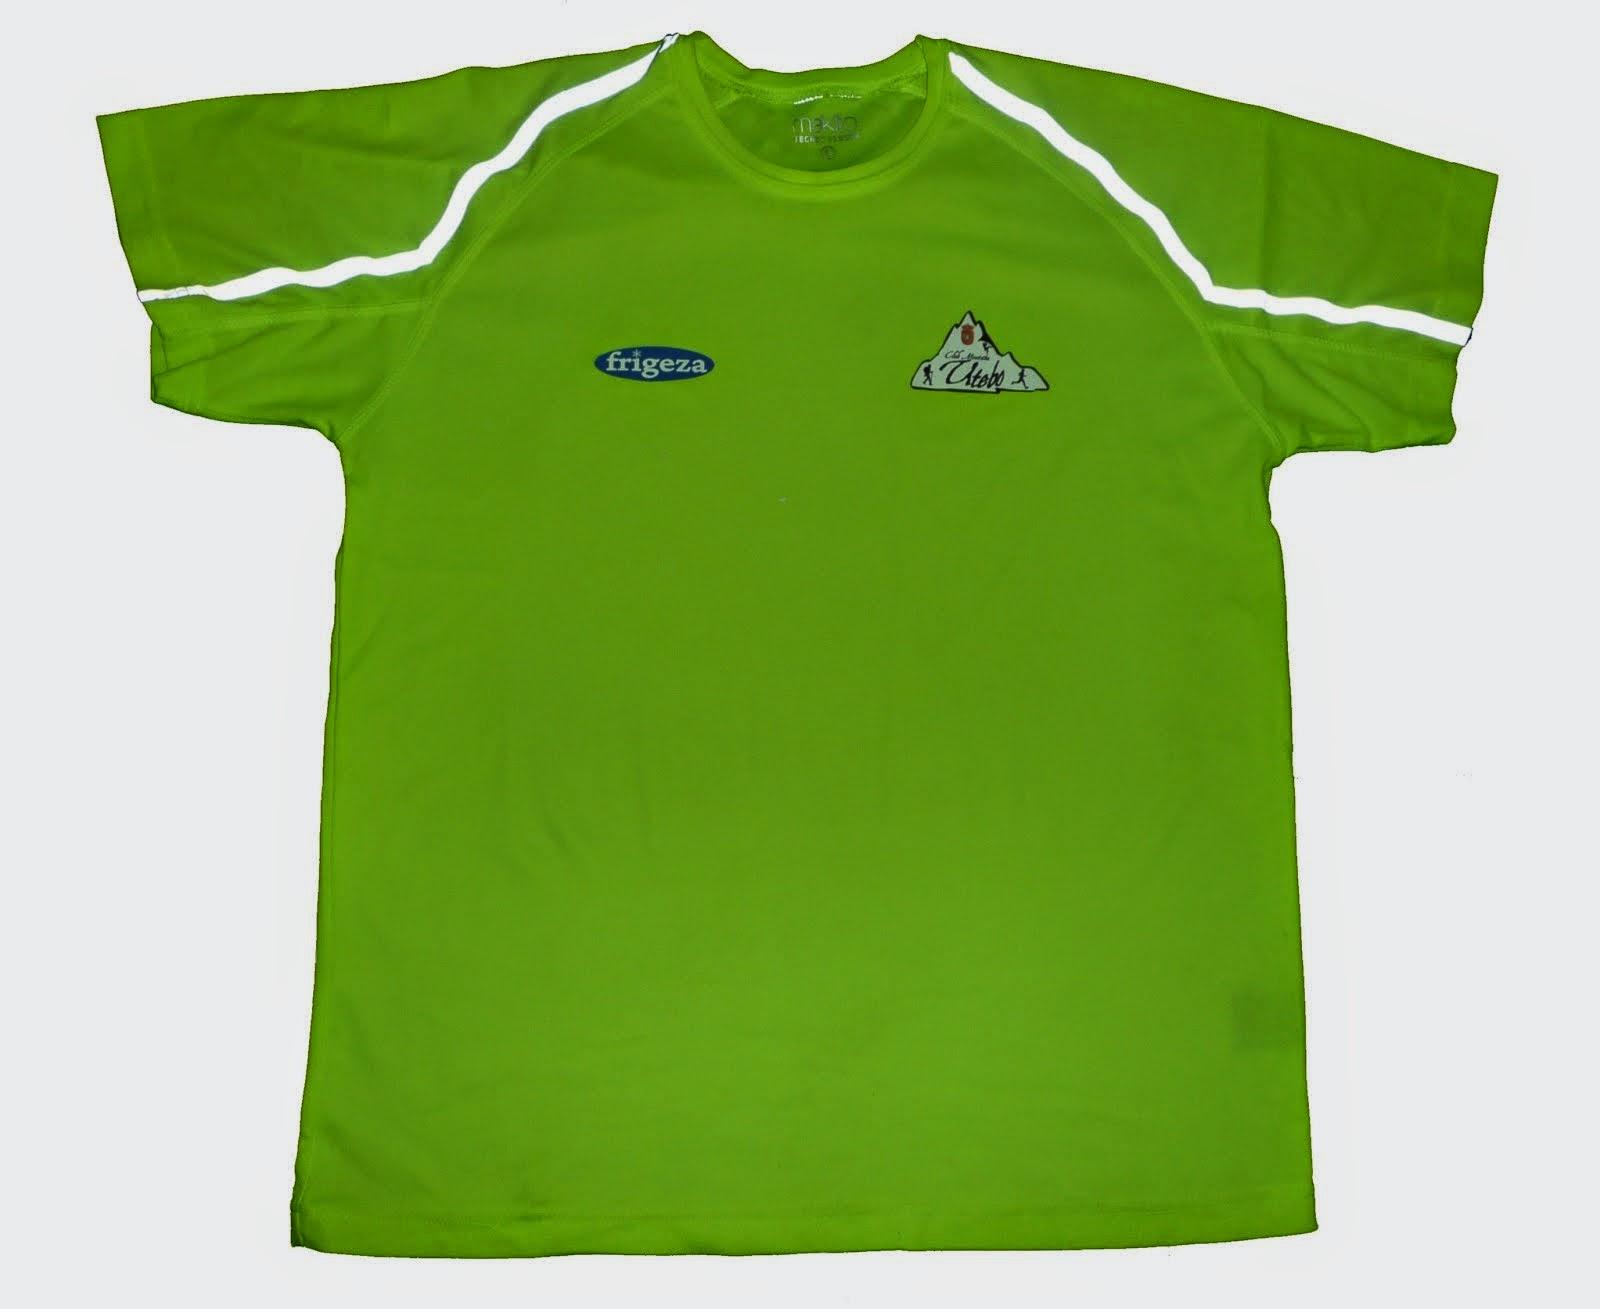 Camiseta del club